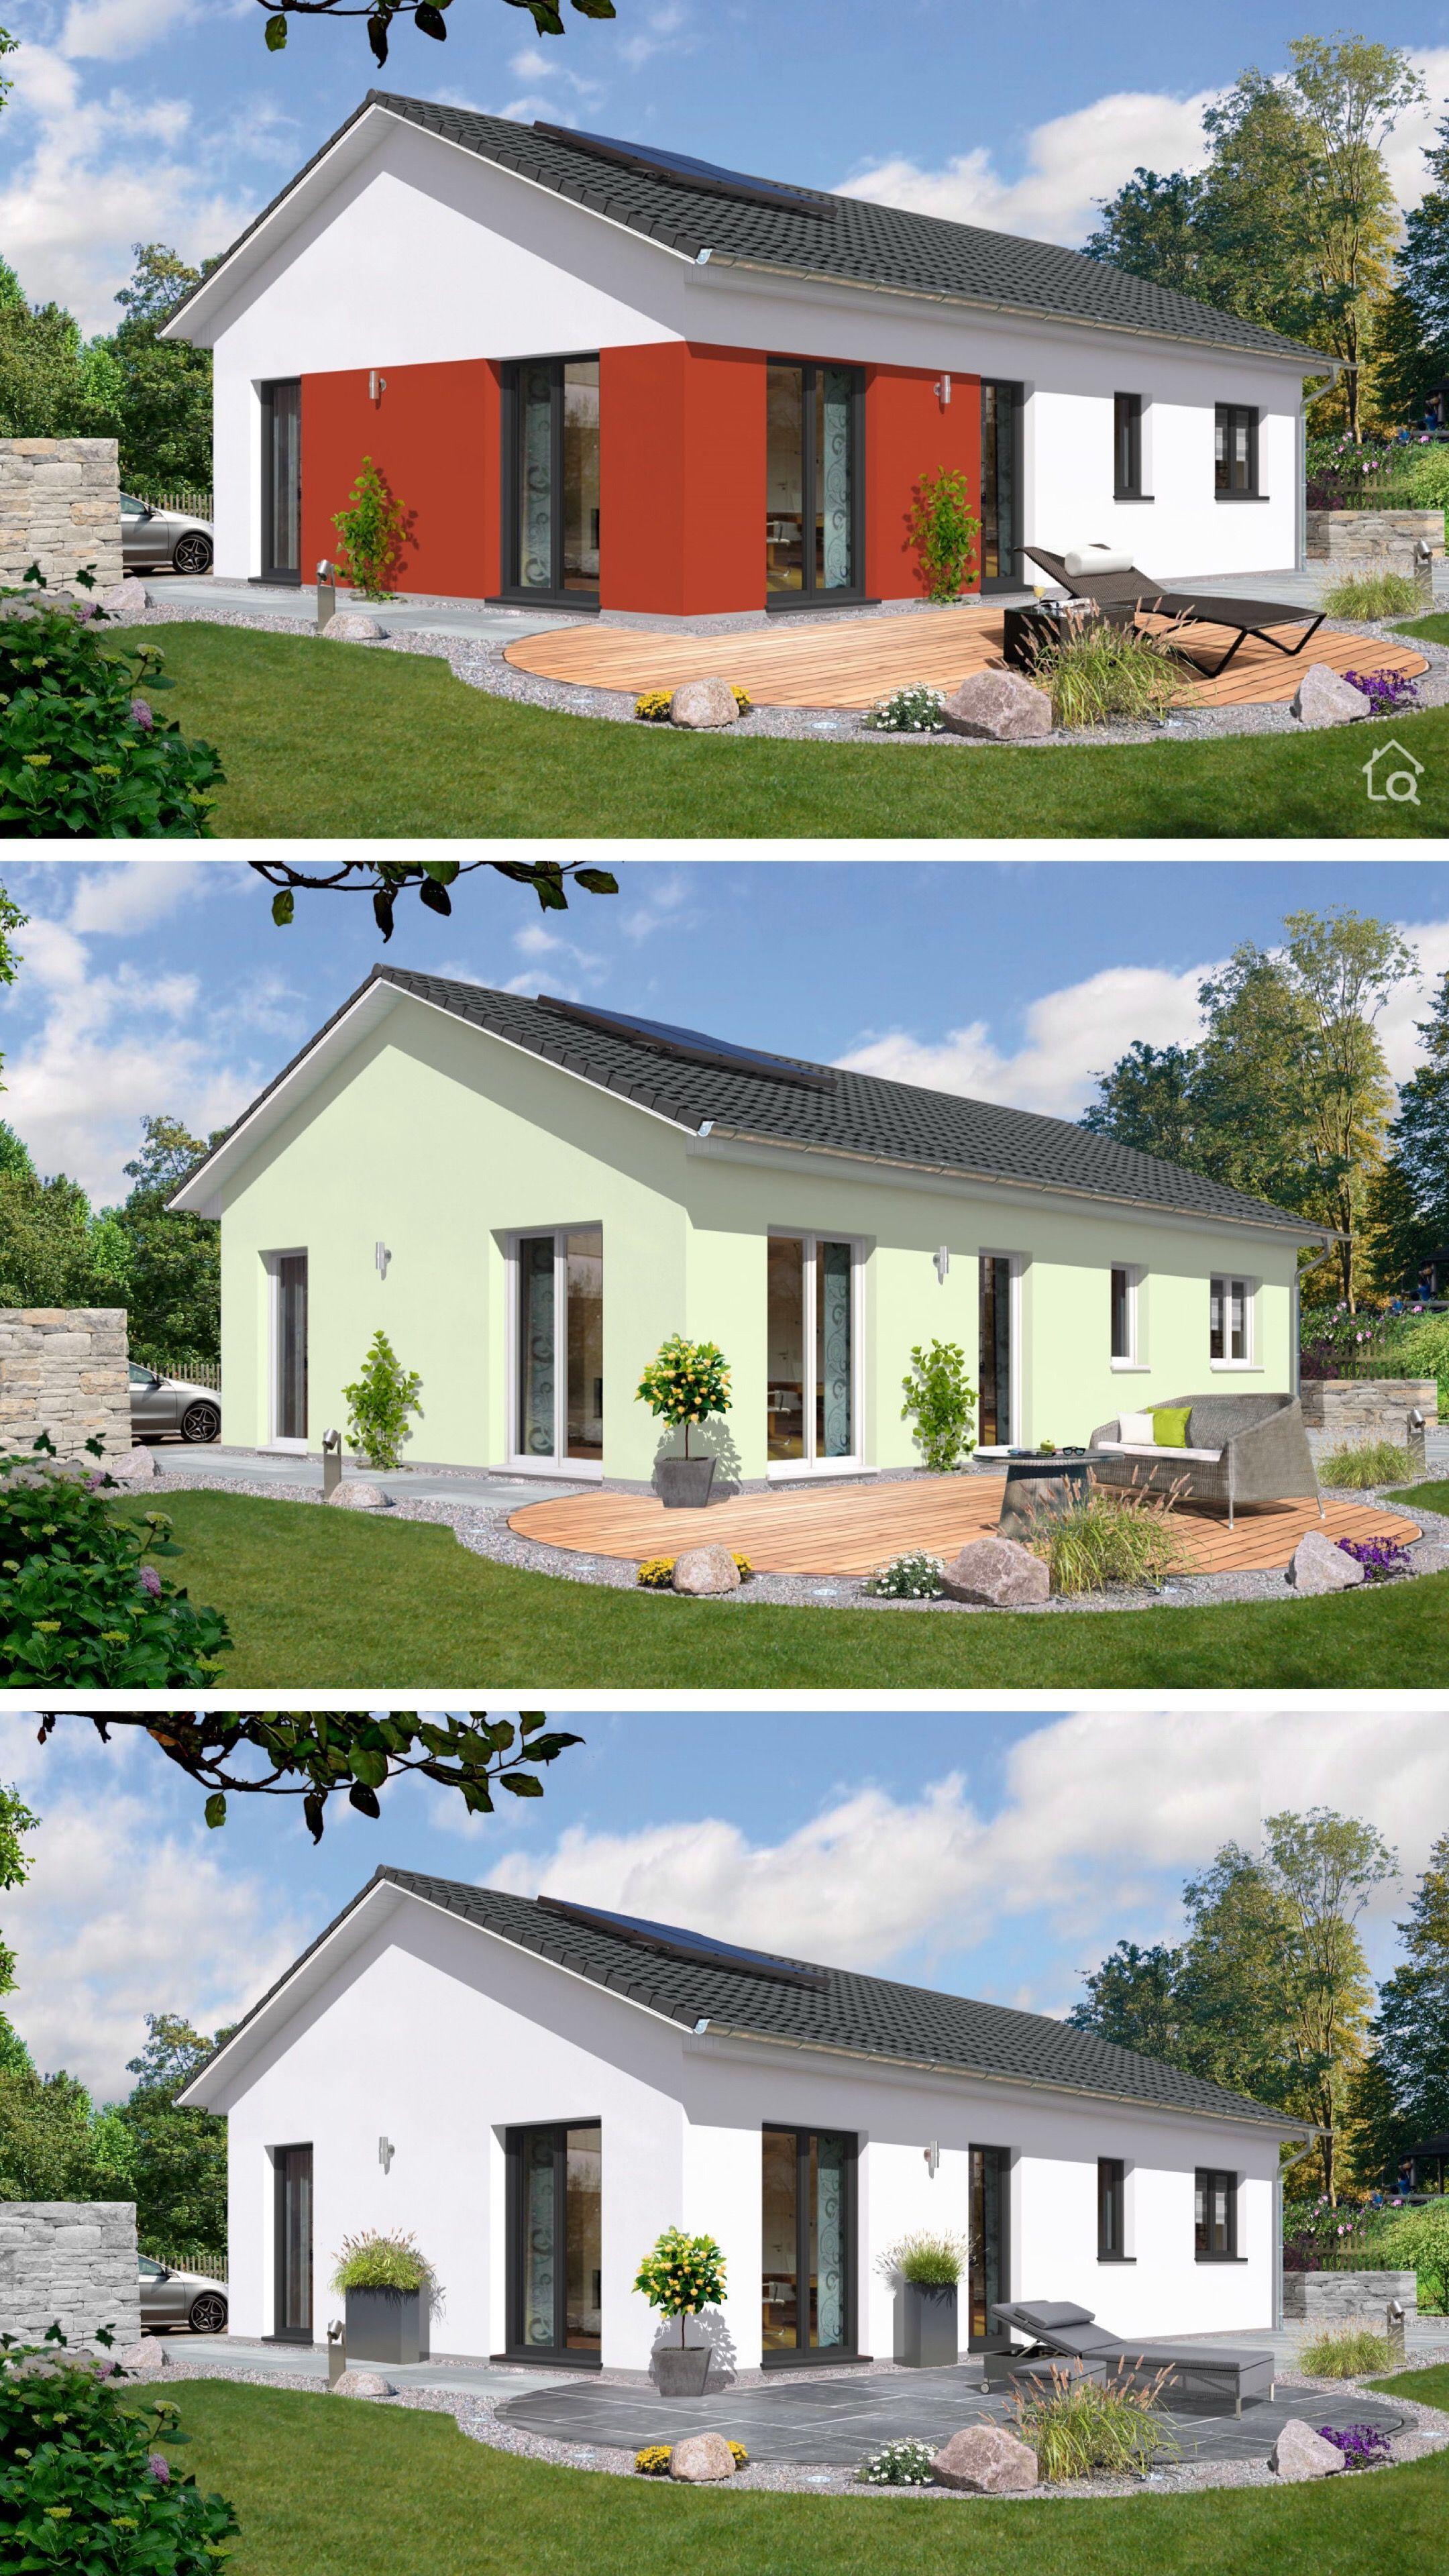 Bungalow mit Satteldach Architektur & Putz Fassade, 3